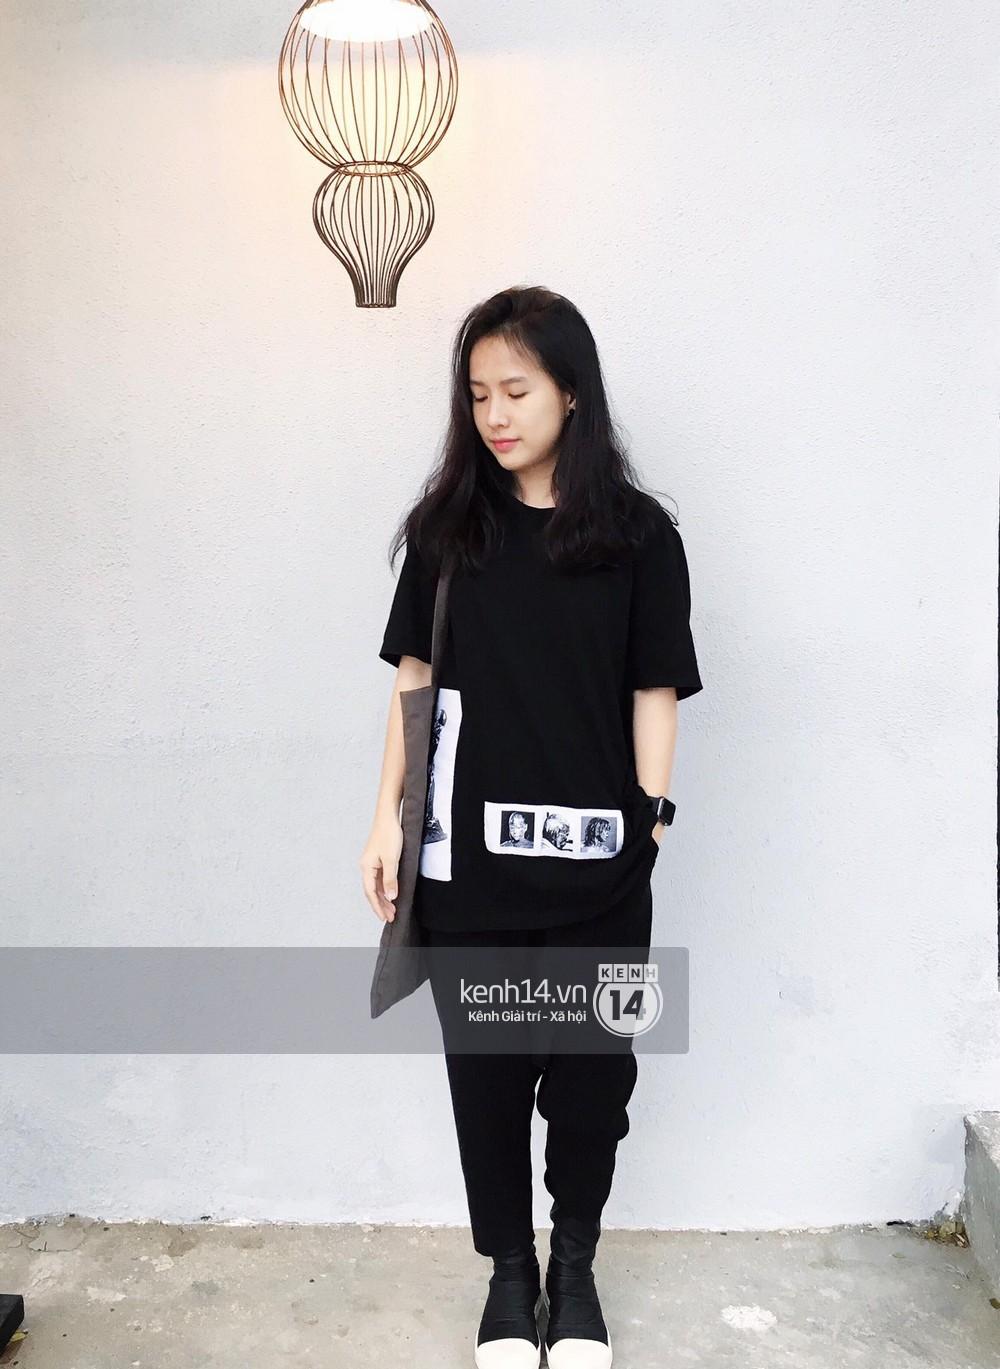 Gặp gỡ Trần Ngọc Hạnh Nhân - Nữ HypeBeast duy nhất của thế hệ 8x Việt - Ảnh 10.